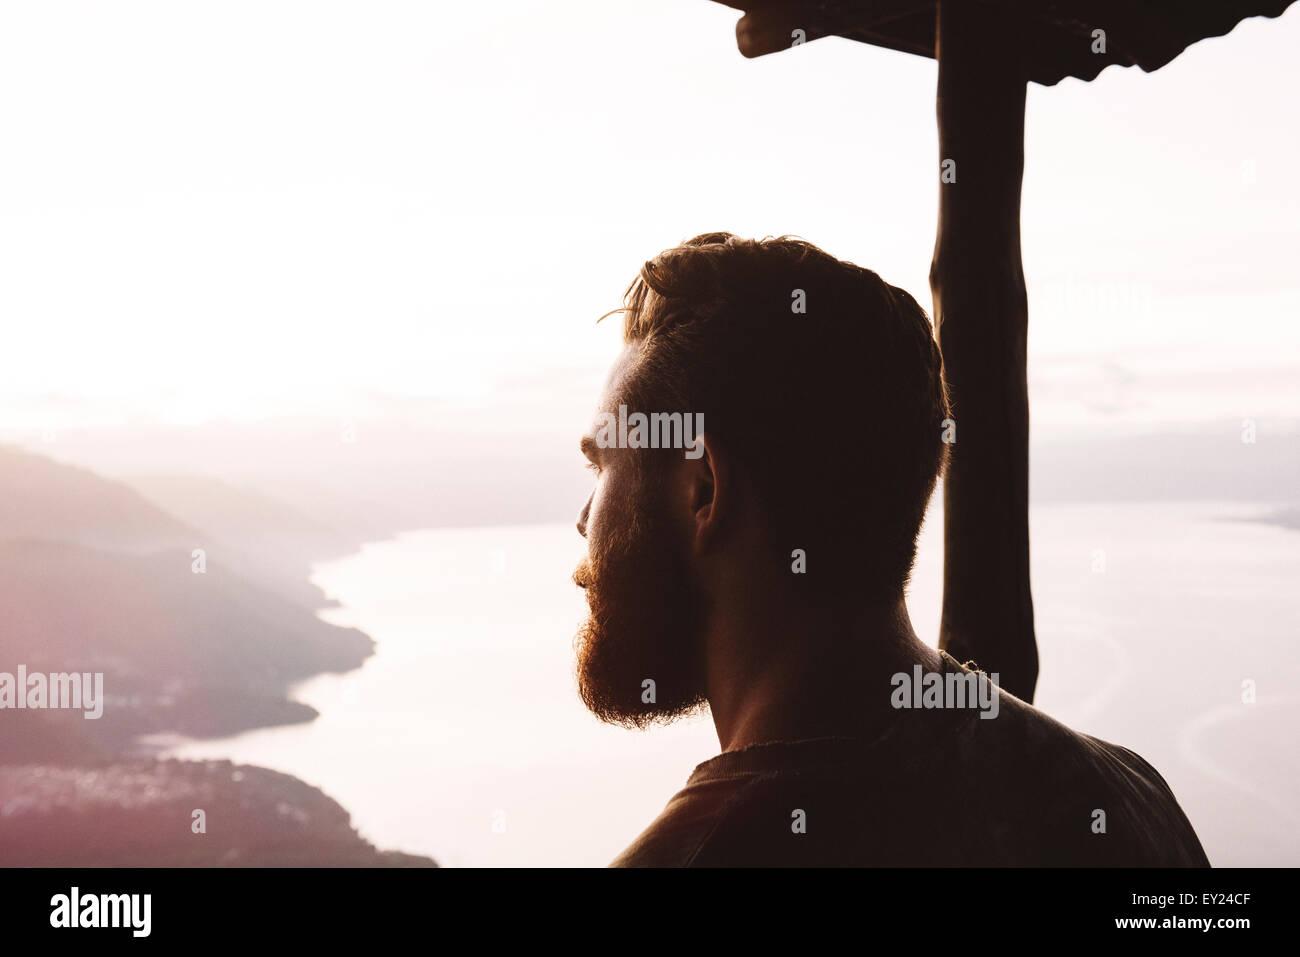 Uomo che guarda fuori dal naso indiano, il lago Atitlan, Guatemala Immagini Stock